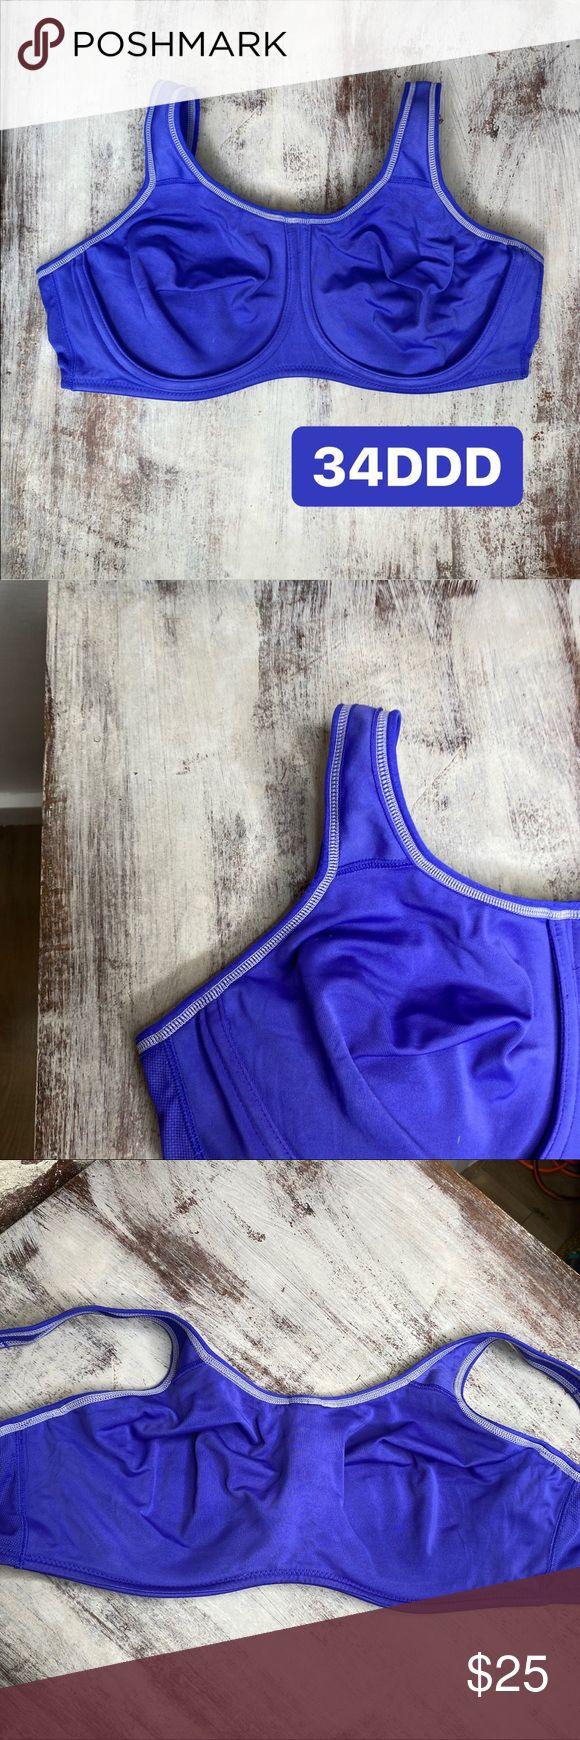 Wacoal purple Unlined Full Coverage bra 34DDD Wacoal